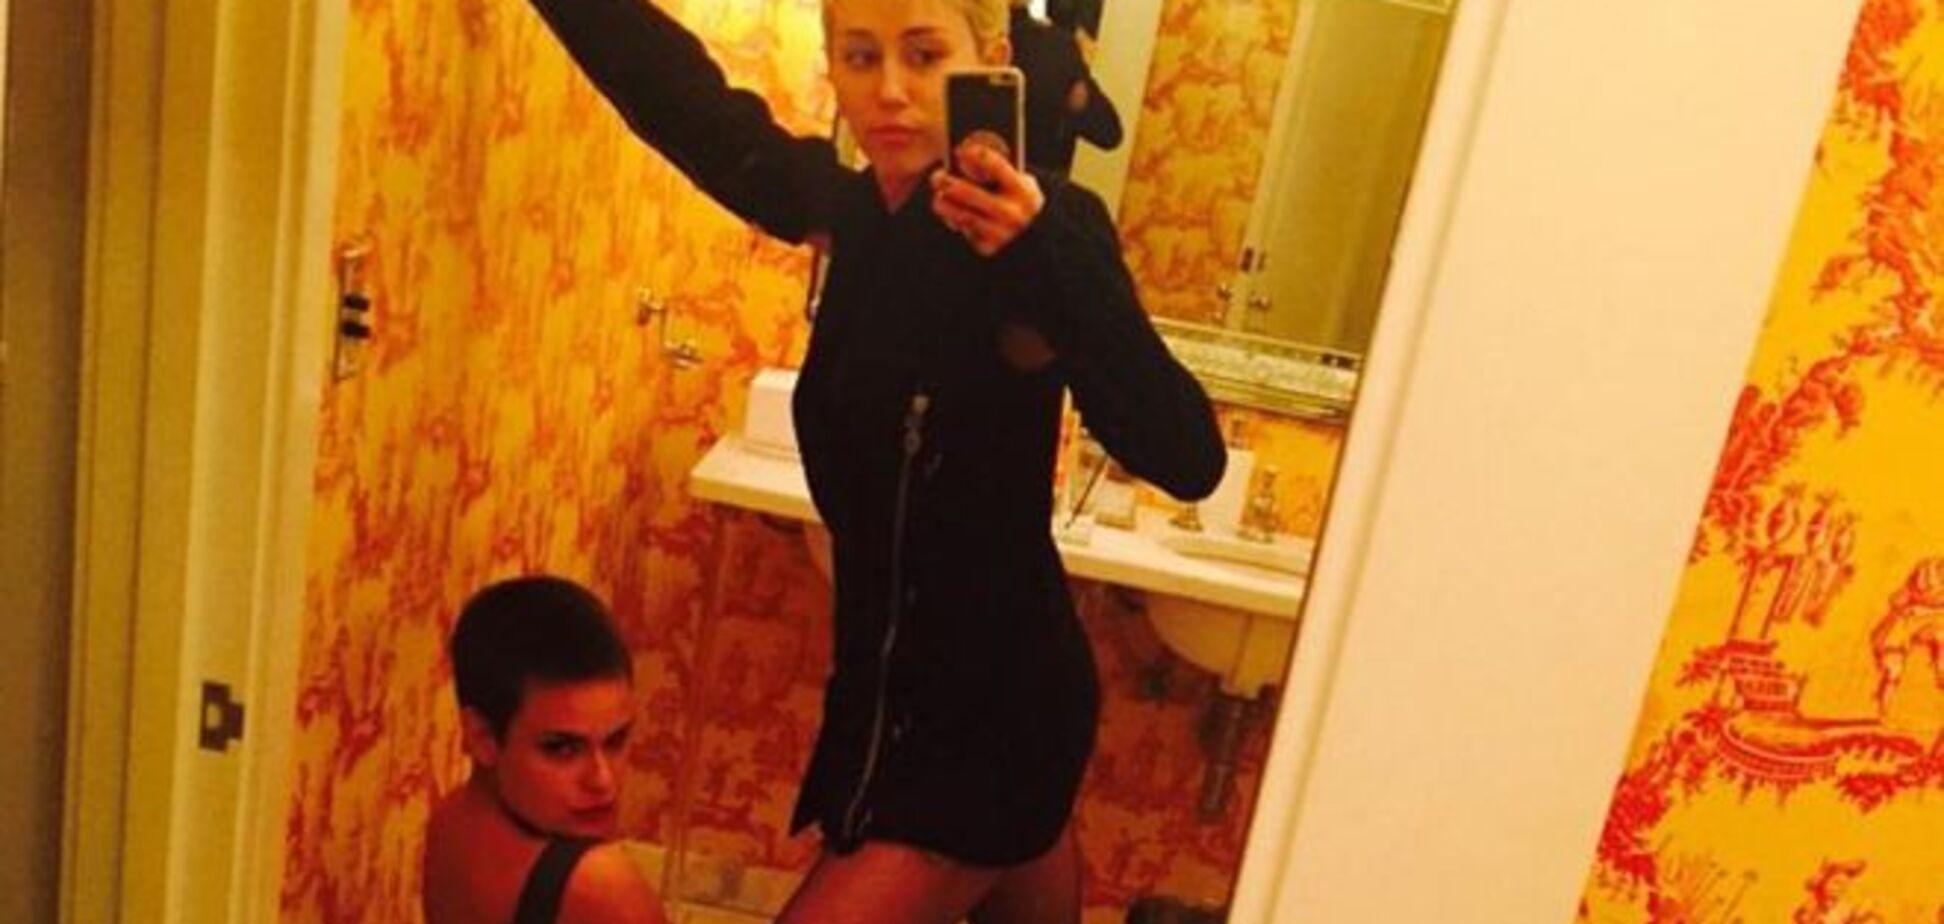 Секс-снимки Майли Сайрус и дочек Брюса Уиллиса взорвали сеть